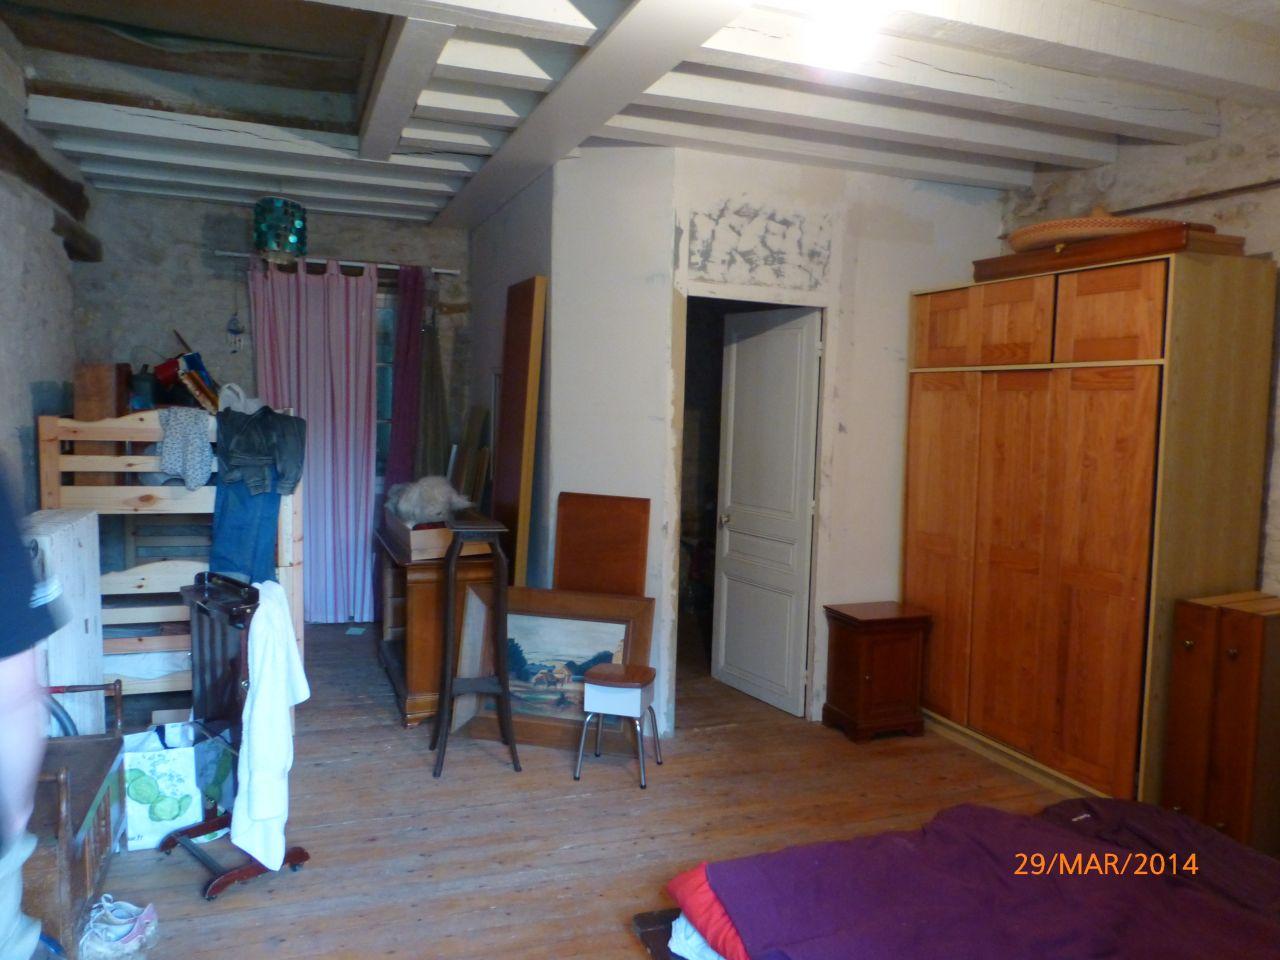 pièce 2/2 maison d'habitation (chambre/sdb)